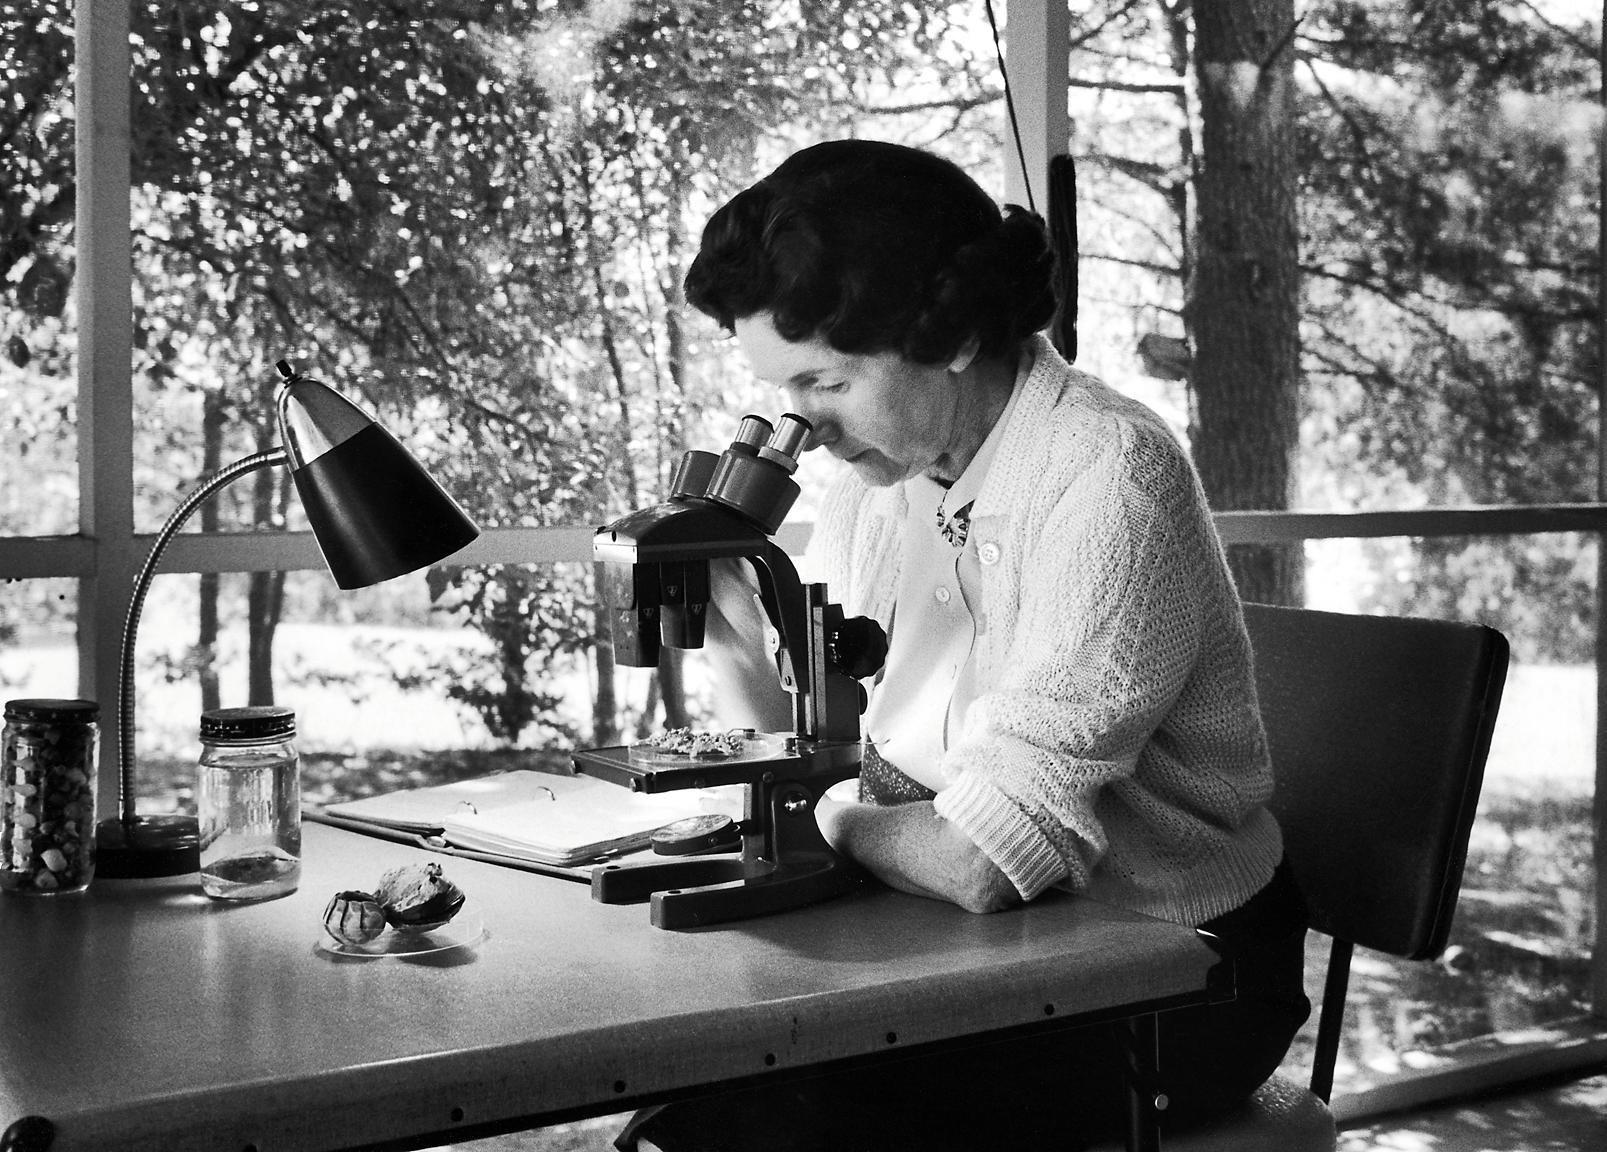 Primavera silenziosa, la storia di Rachel Carson | Farmaceutica Younger